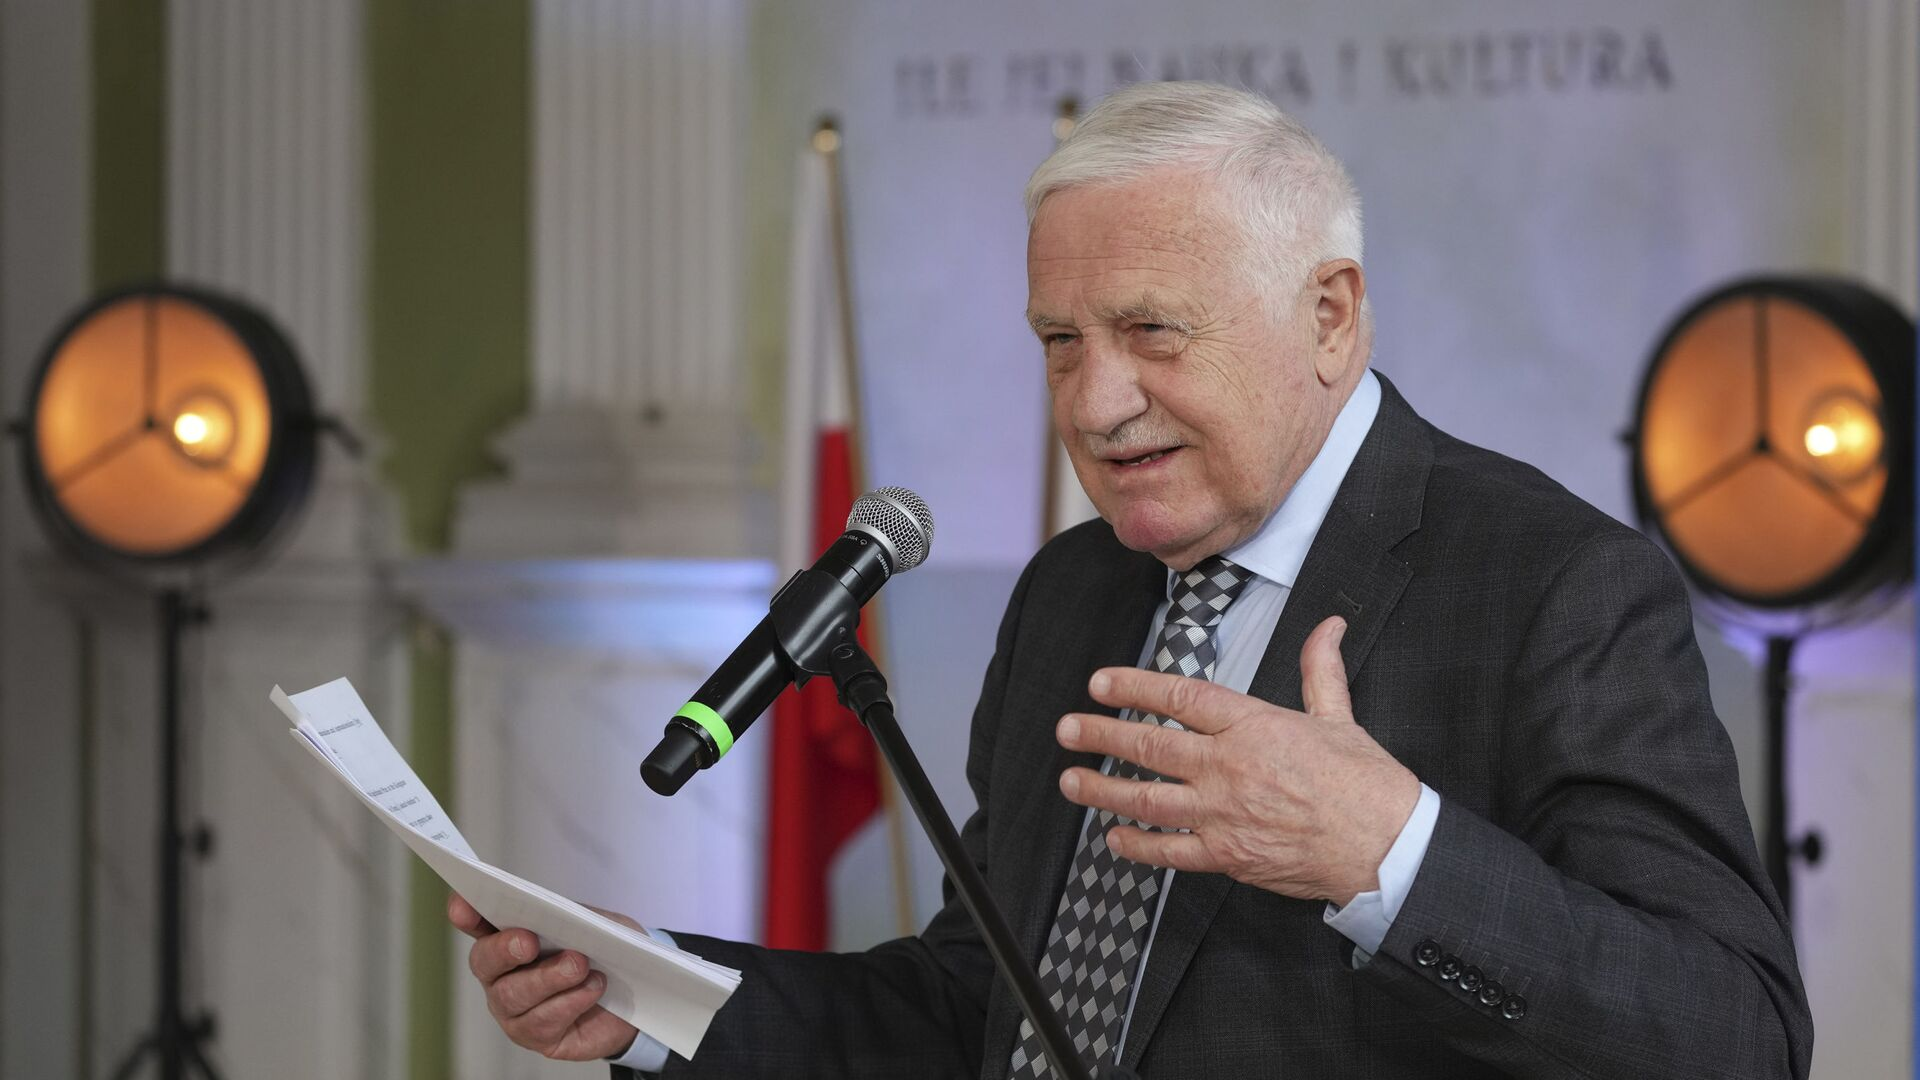 Bývalý český prezident Václav Klaus vystupuje na konferenci ve Varšavě - Sputnik Česká republika, 1920, 11.08.2021